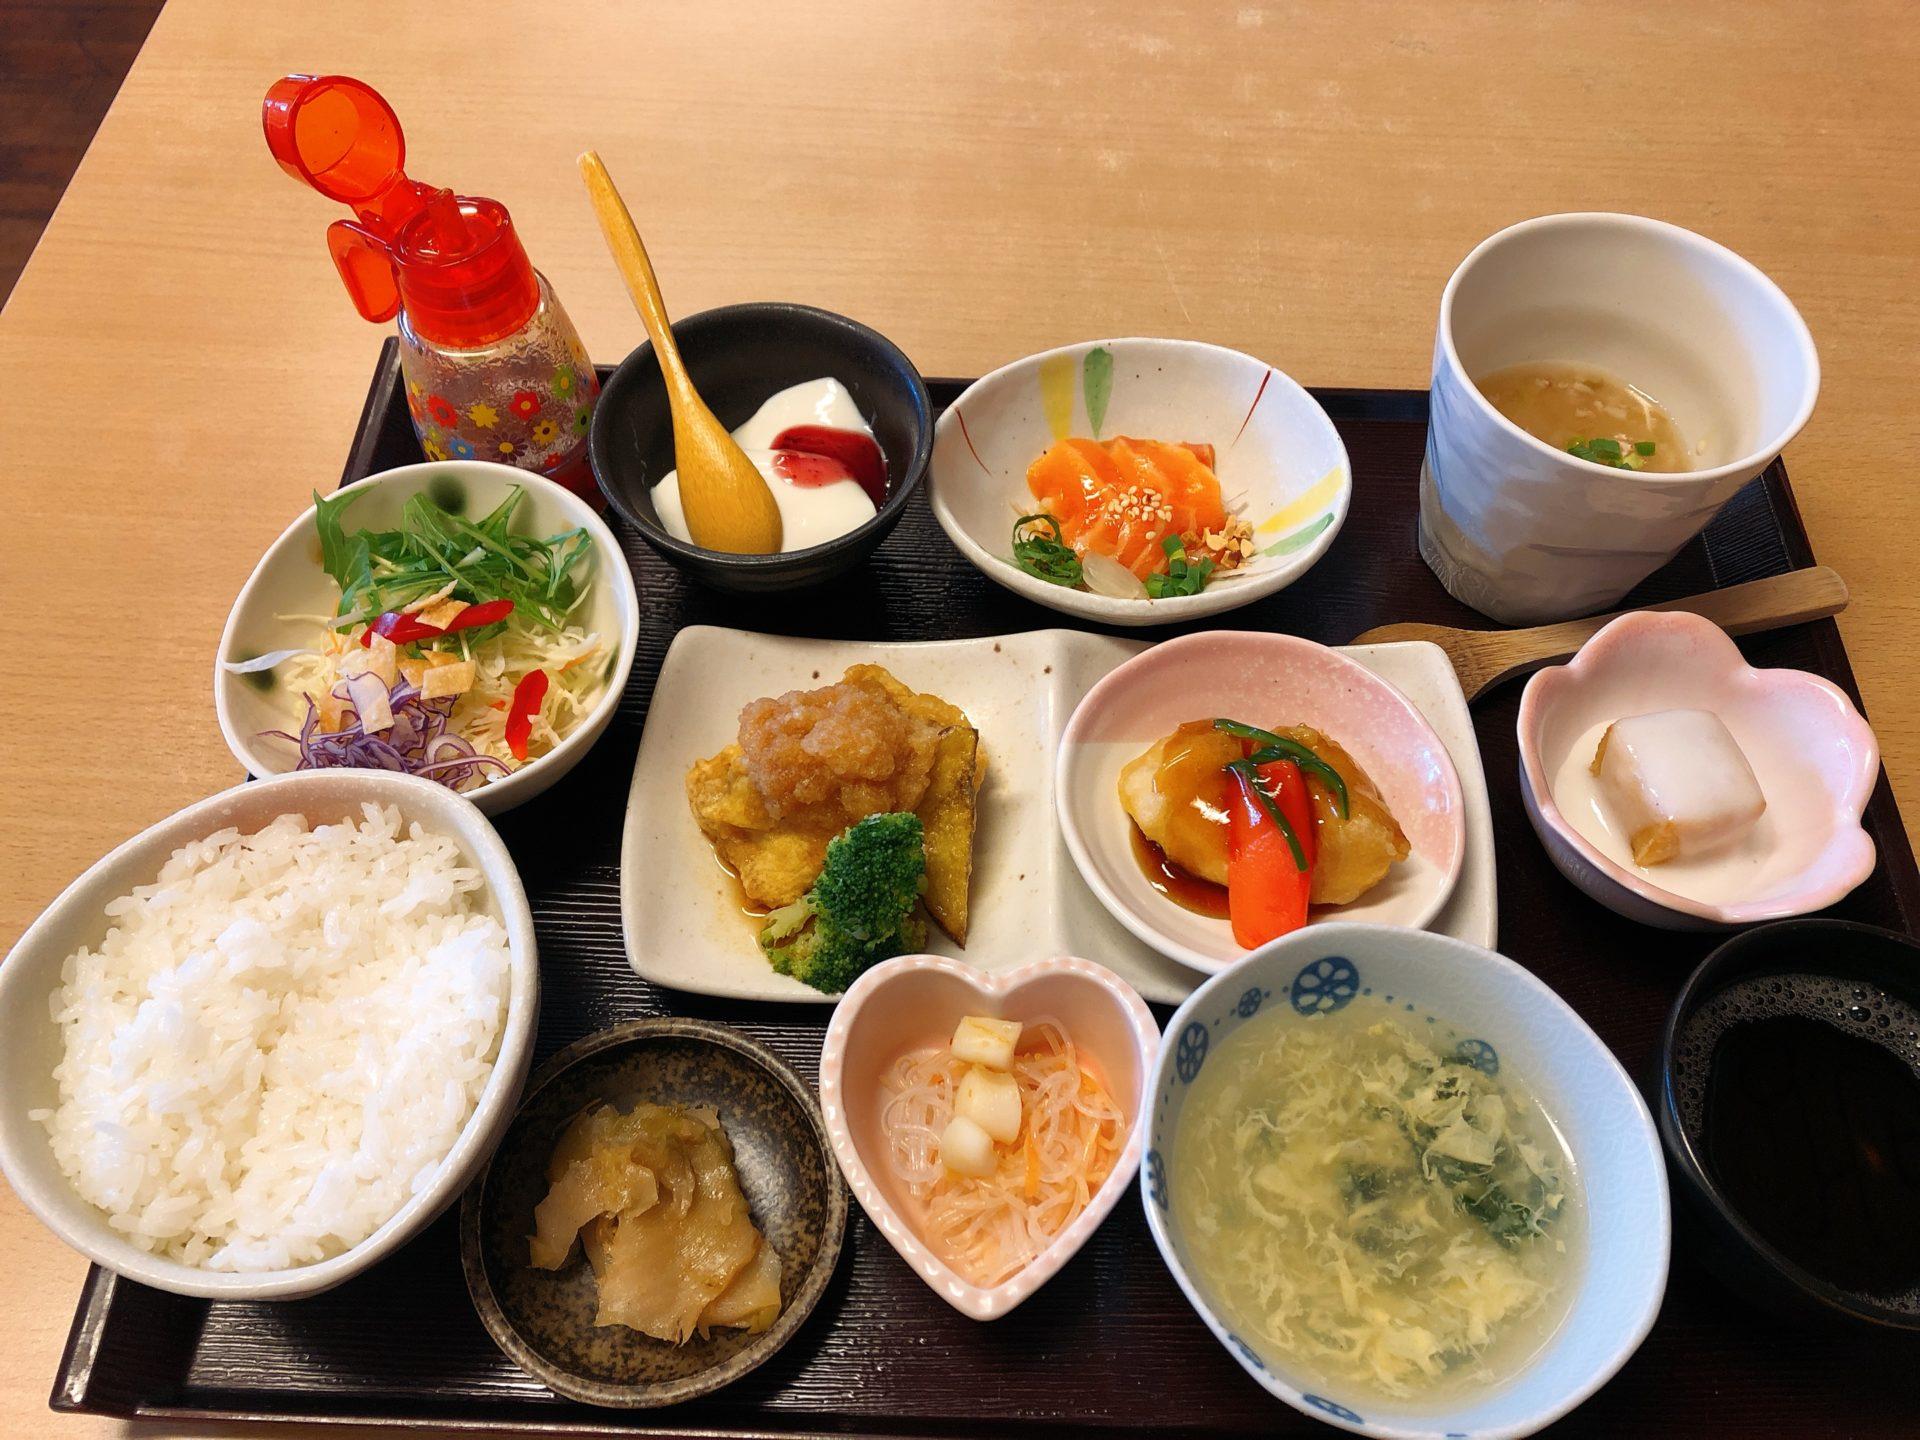 大多羅駅から車で5分 中国食彩厨房 龍の髭は、杏仁豆腐まで付いた品数多い週替わり中華ランチが人気!